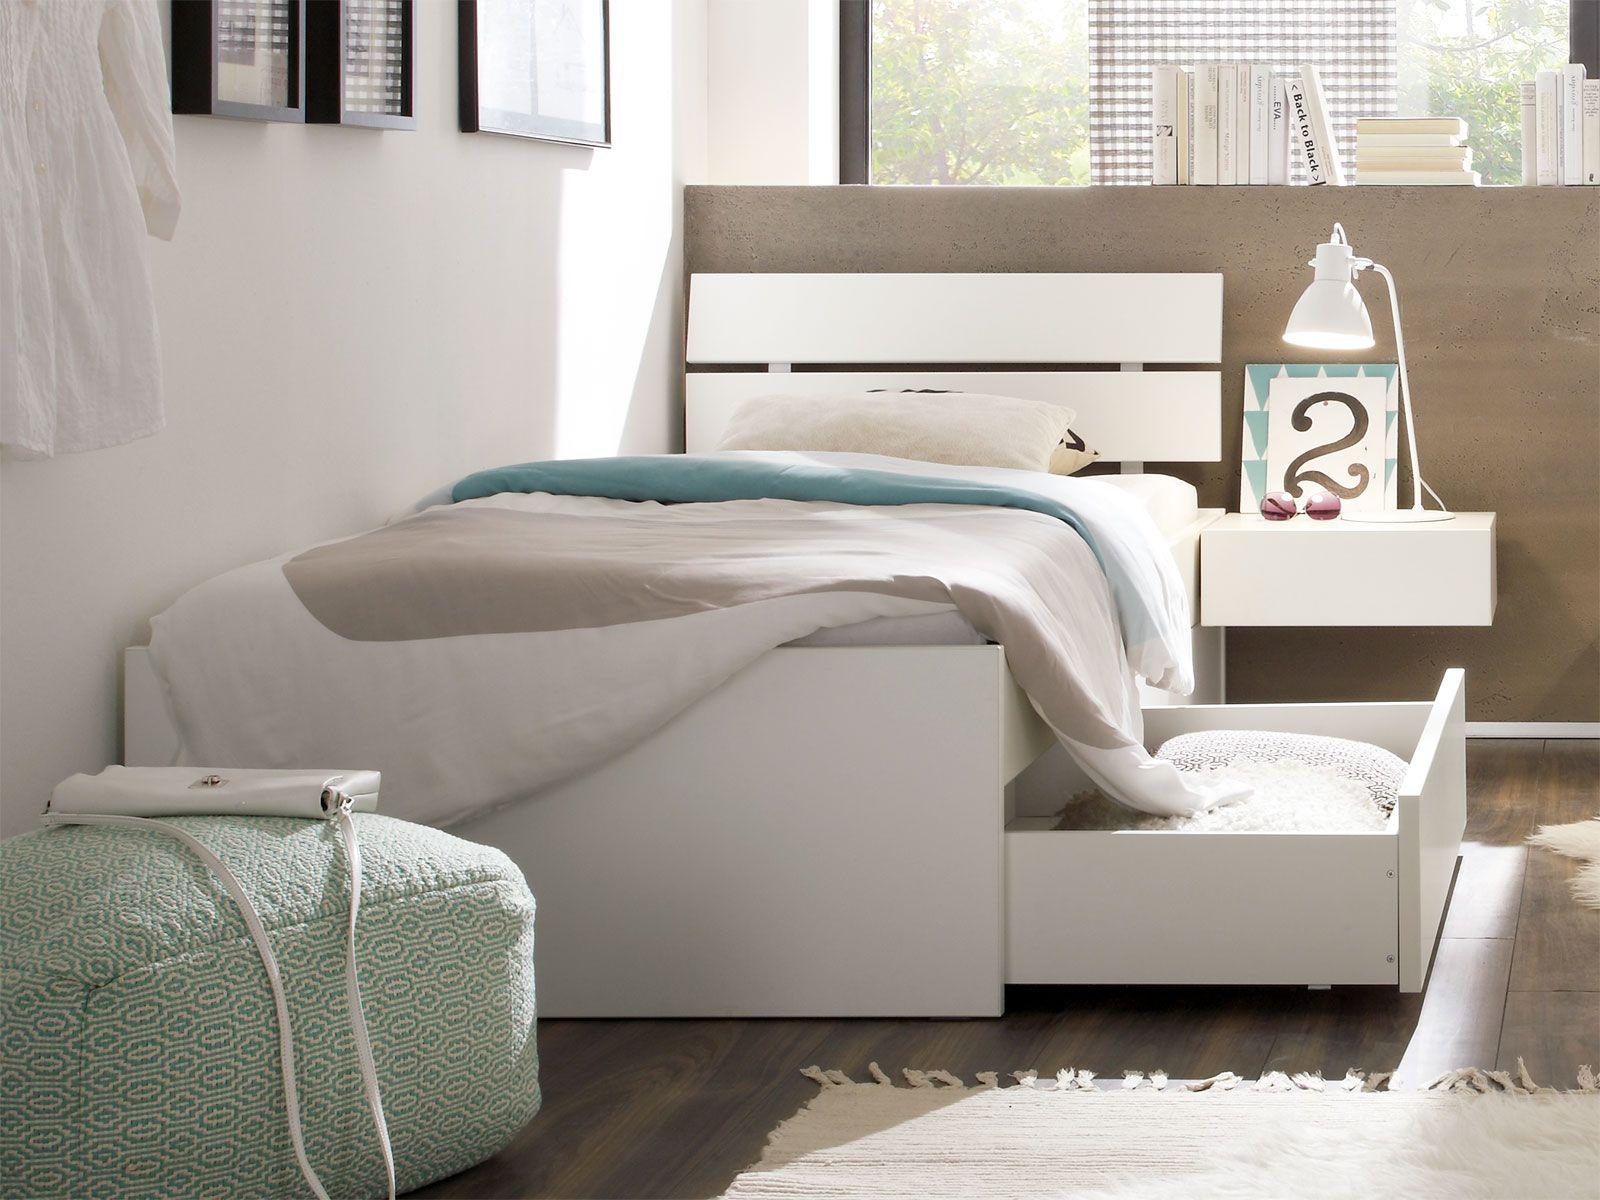 SchubkastenEinzelbett Mocuba Einzelbett, Bett ideen und